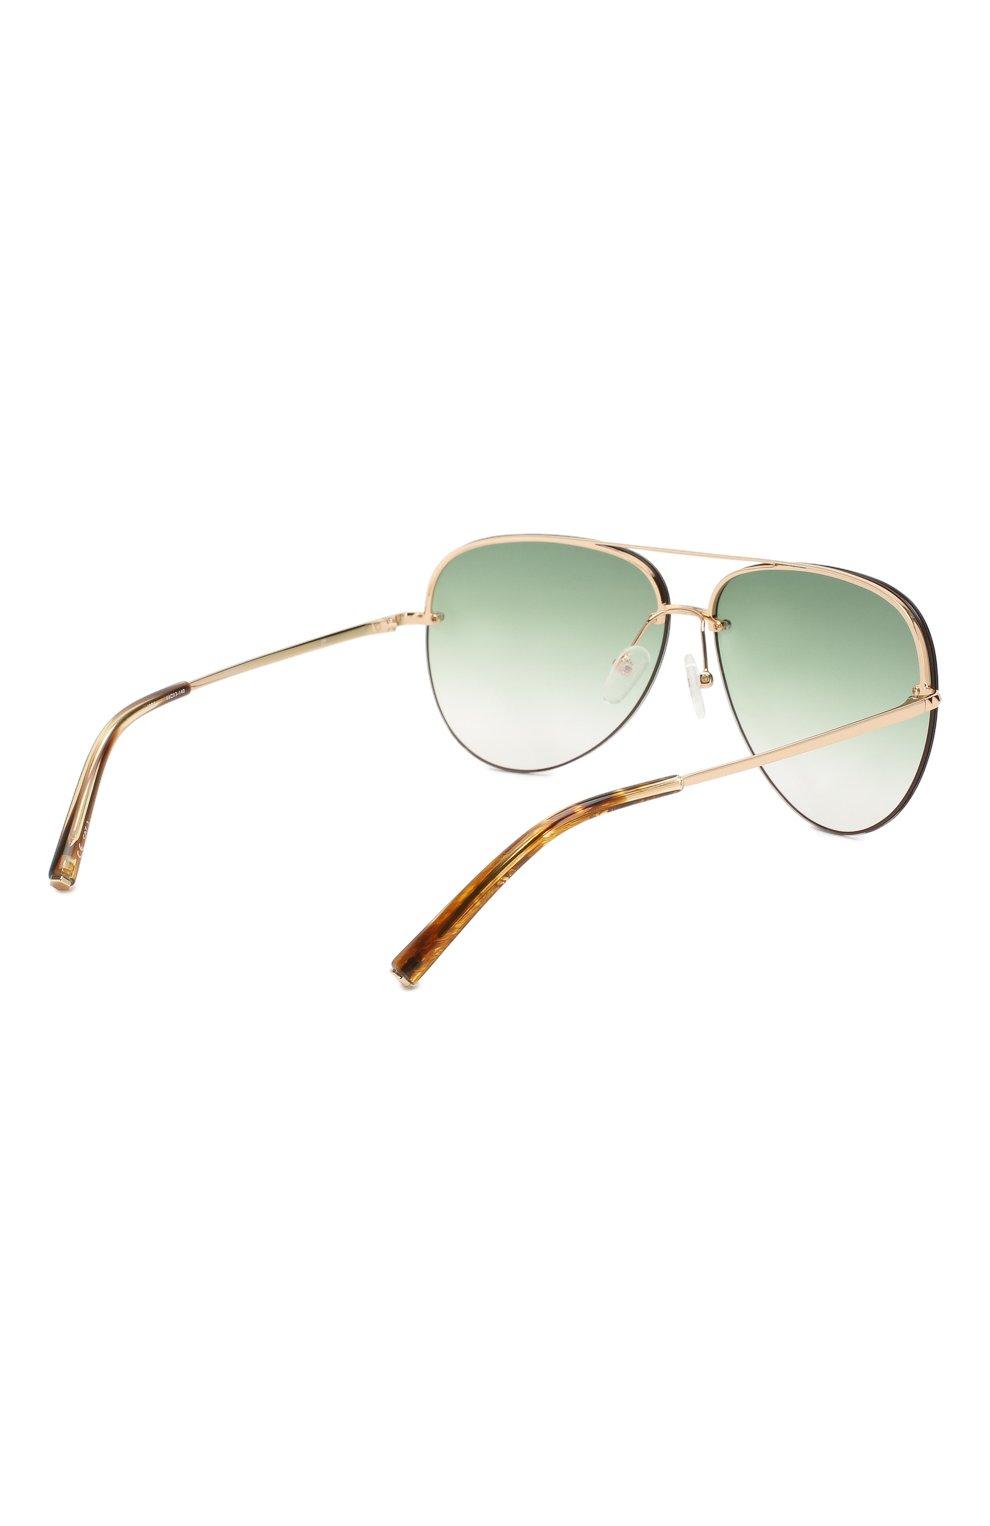 Женские солнцезащитные очки MATTHEW WILLIAMSON зеленого цвета, арт. MW240C2 SUN   Фото 4